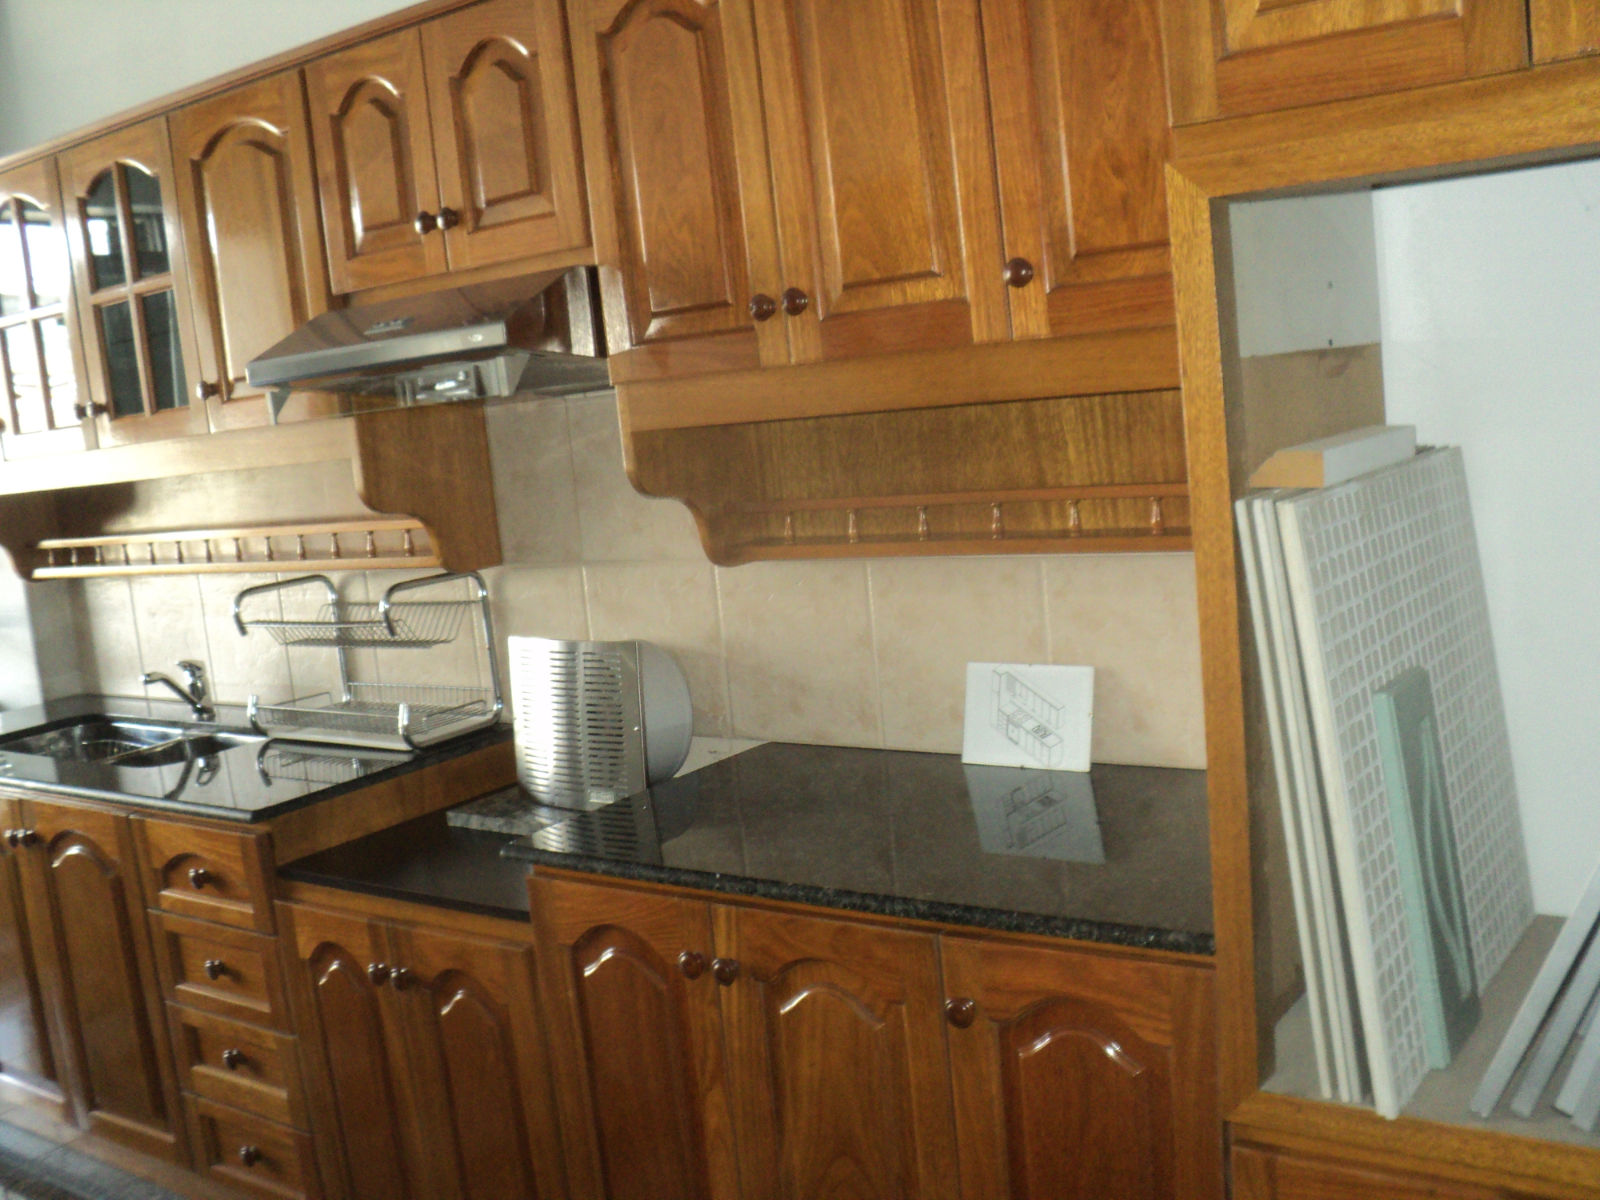 Casa leiro muebles de cocina de nuestro showrrom en villa for Casa mendoza muebles villa martelli